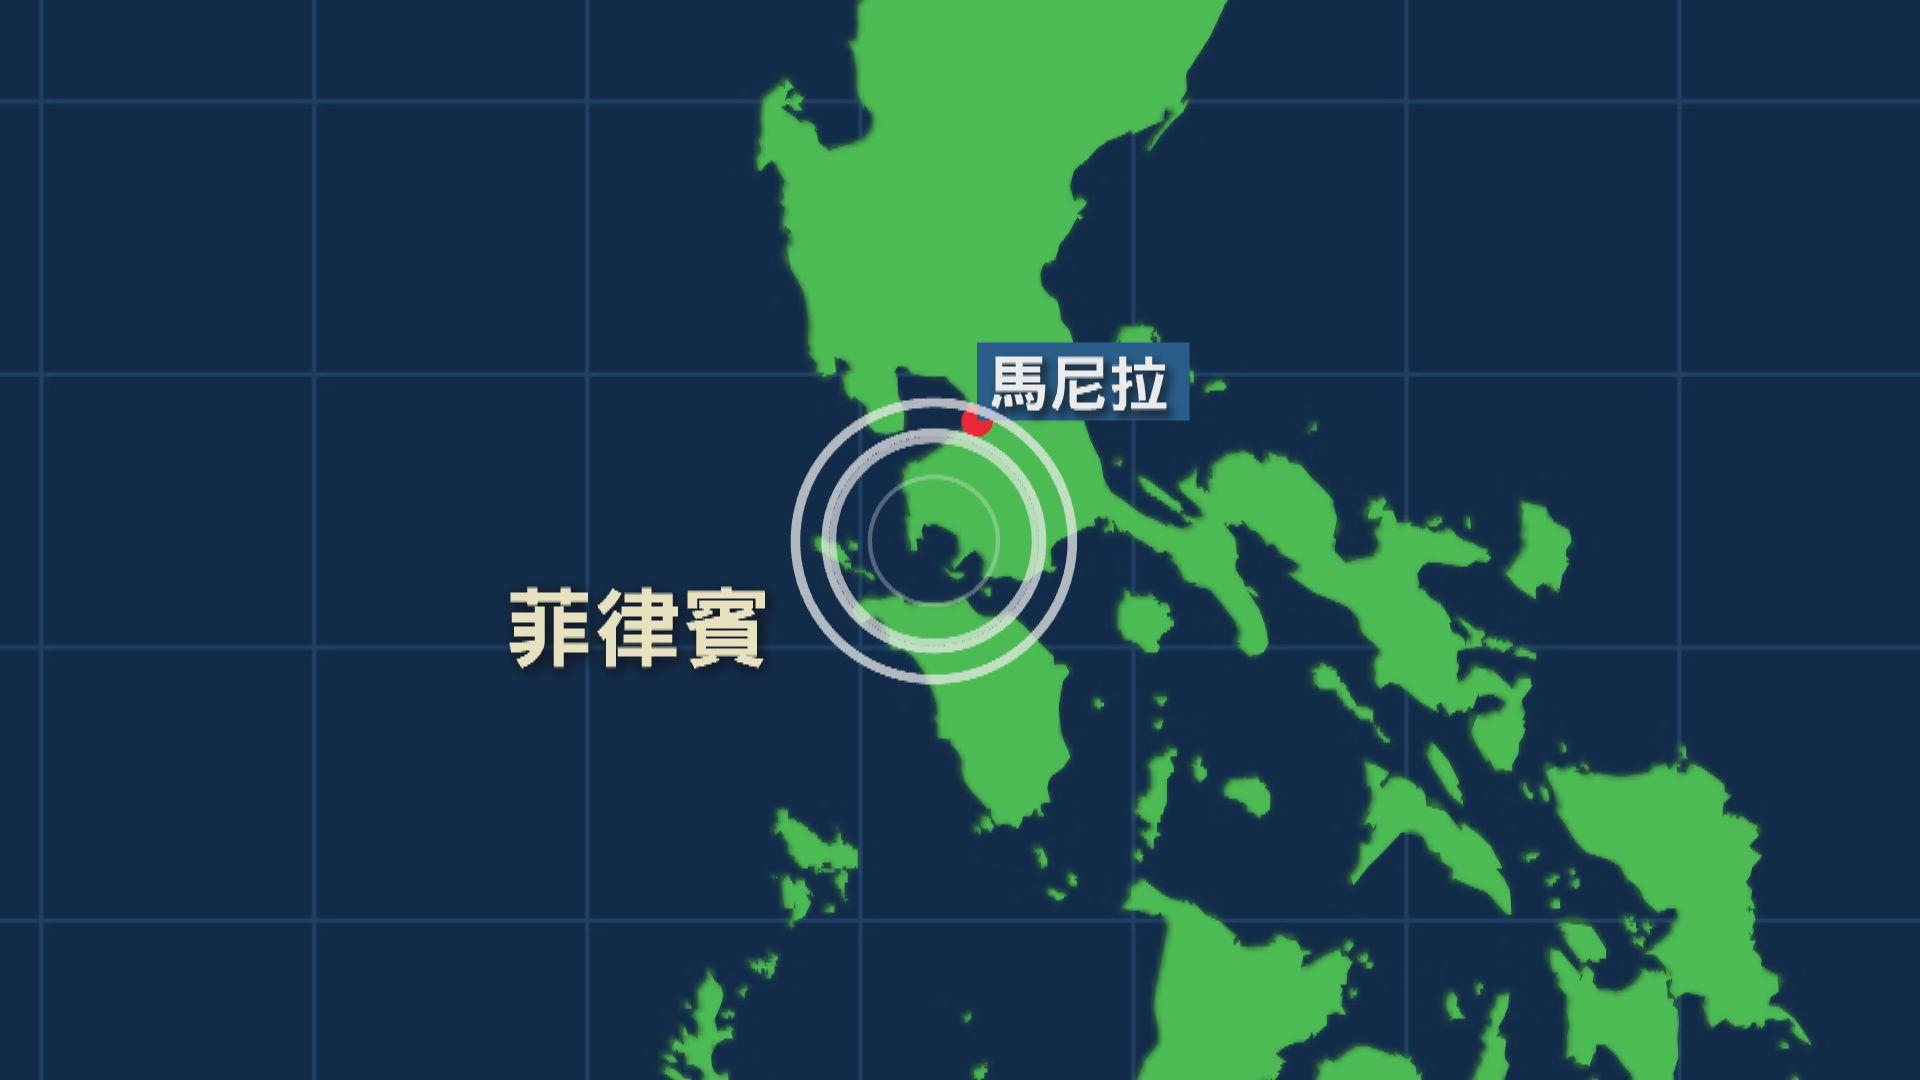 菲律賓發生6.7級地震 首都馬尼拉亦有震感